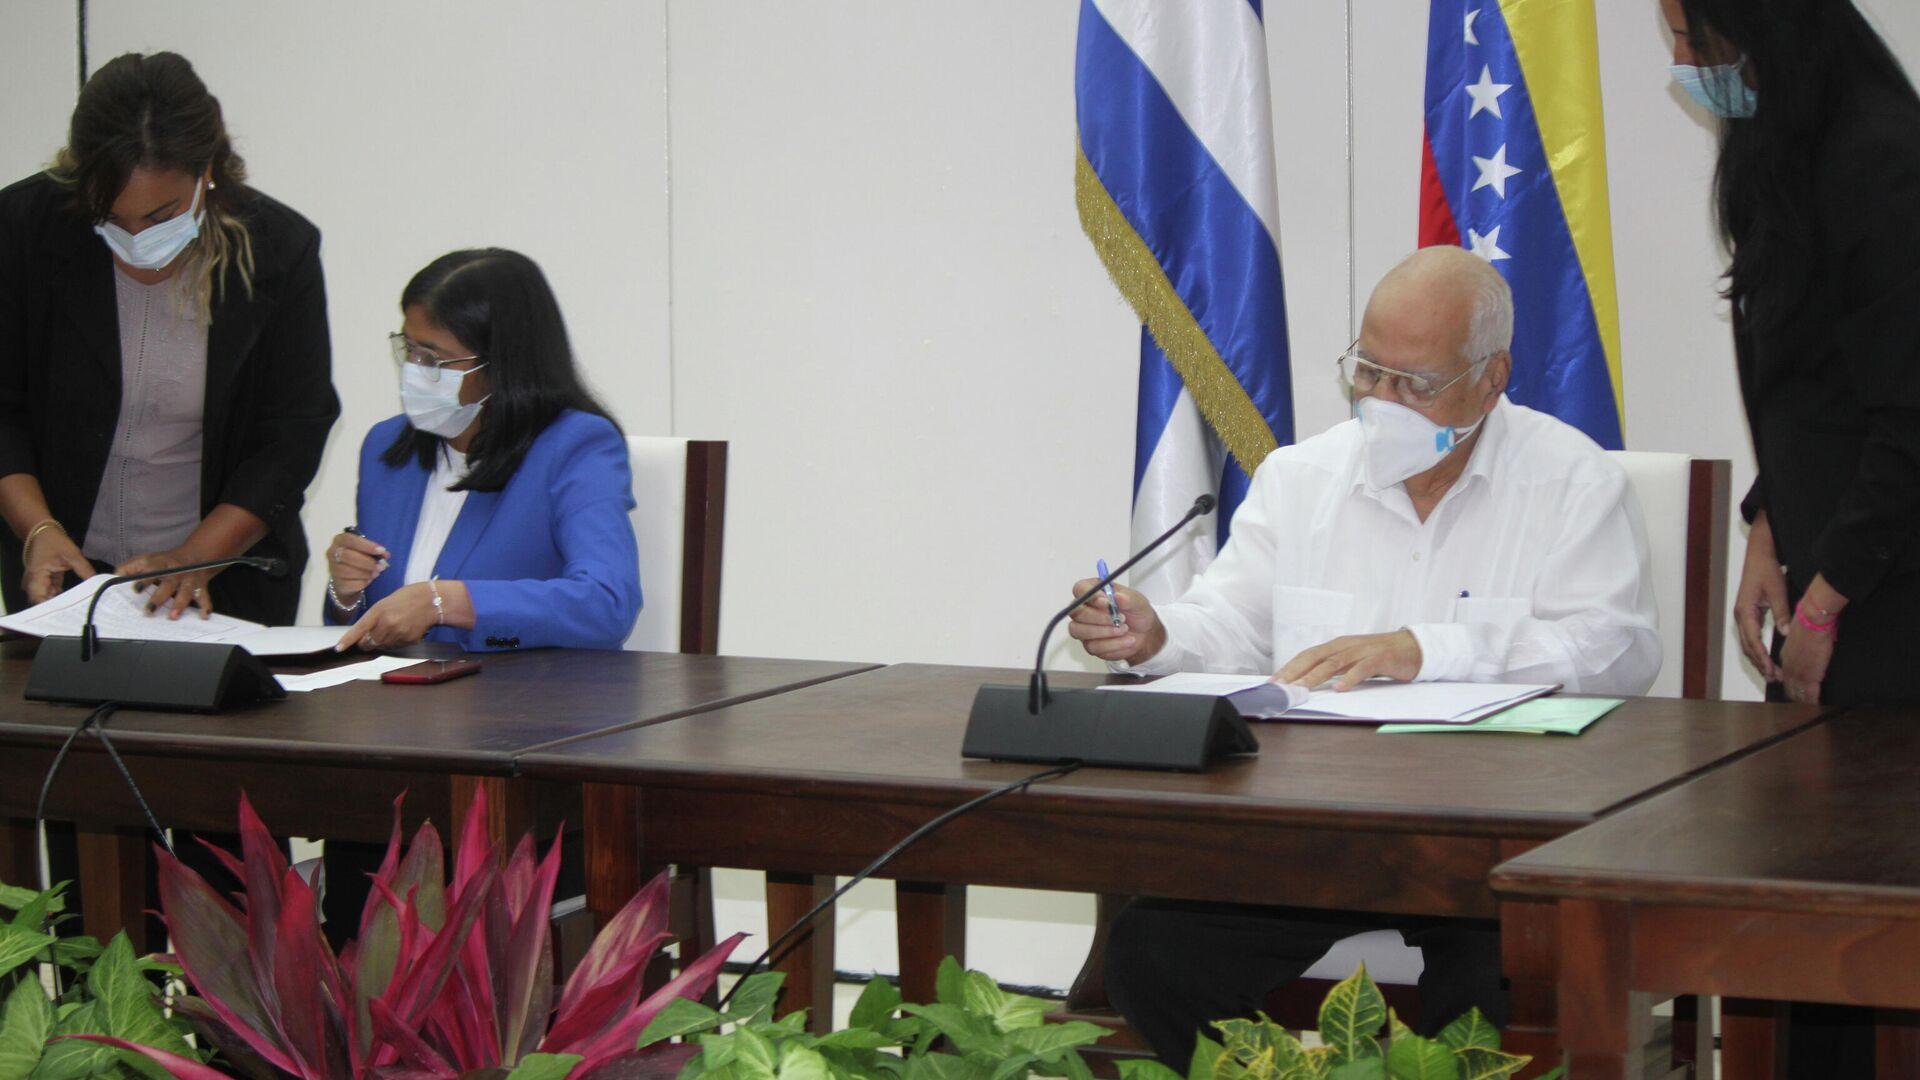 Delcy Rodriguez y Ricardo Cabrisas firman Convenio Integral de Cooperación Cuba-Venezuela - Sputnik Mundo, 1920, 10.03.2021